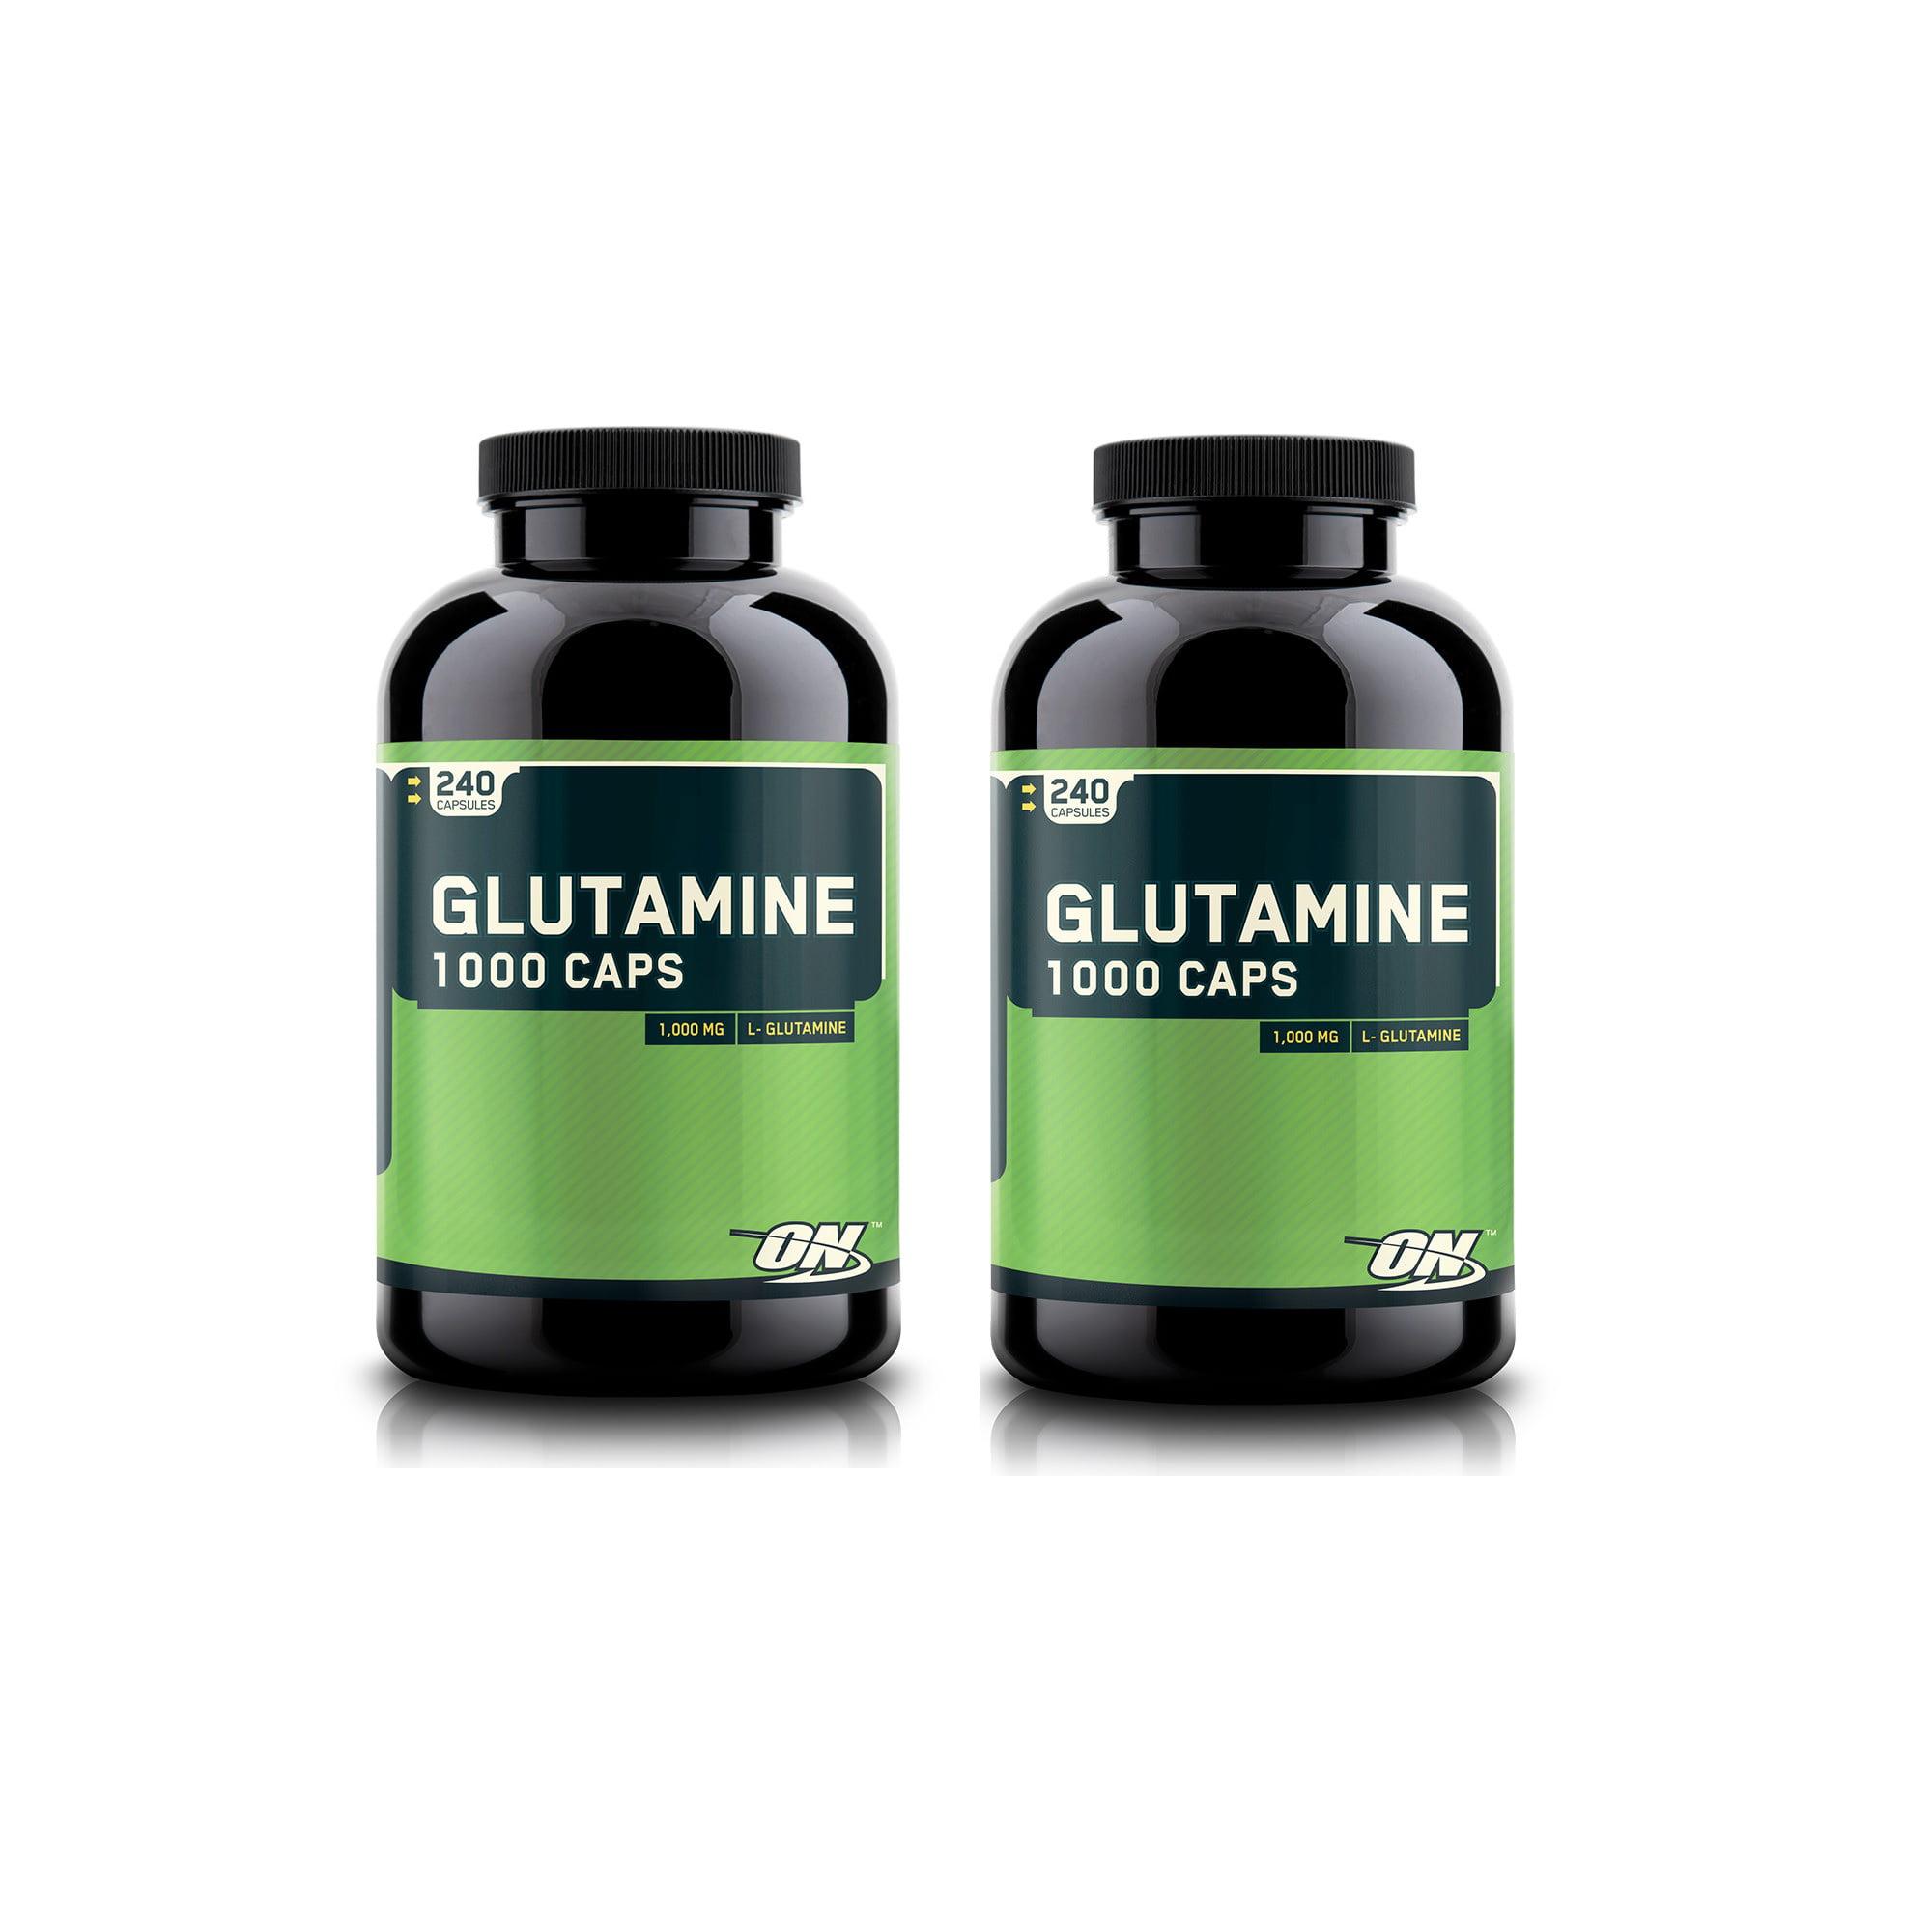 Optimum Nutrition Glutamine 1000 Caps 240 Capsules (2 PACK)